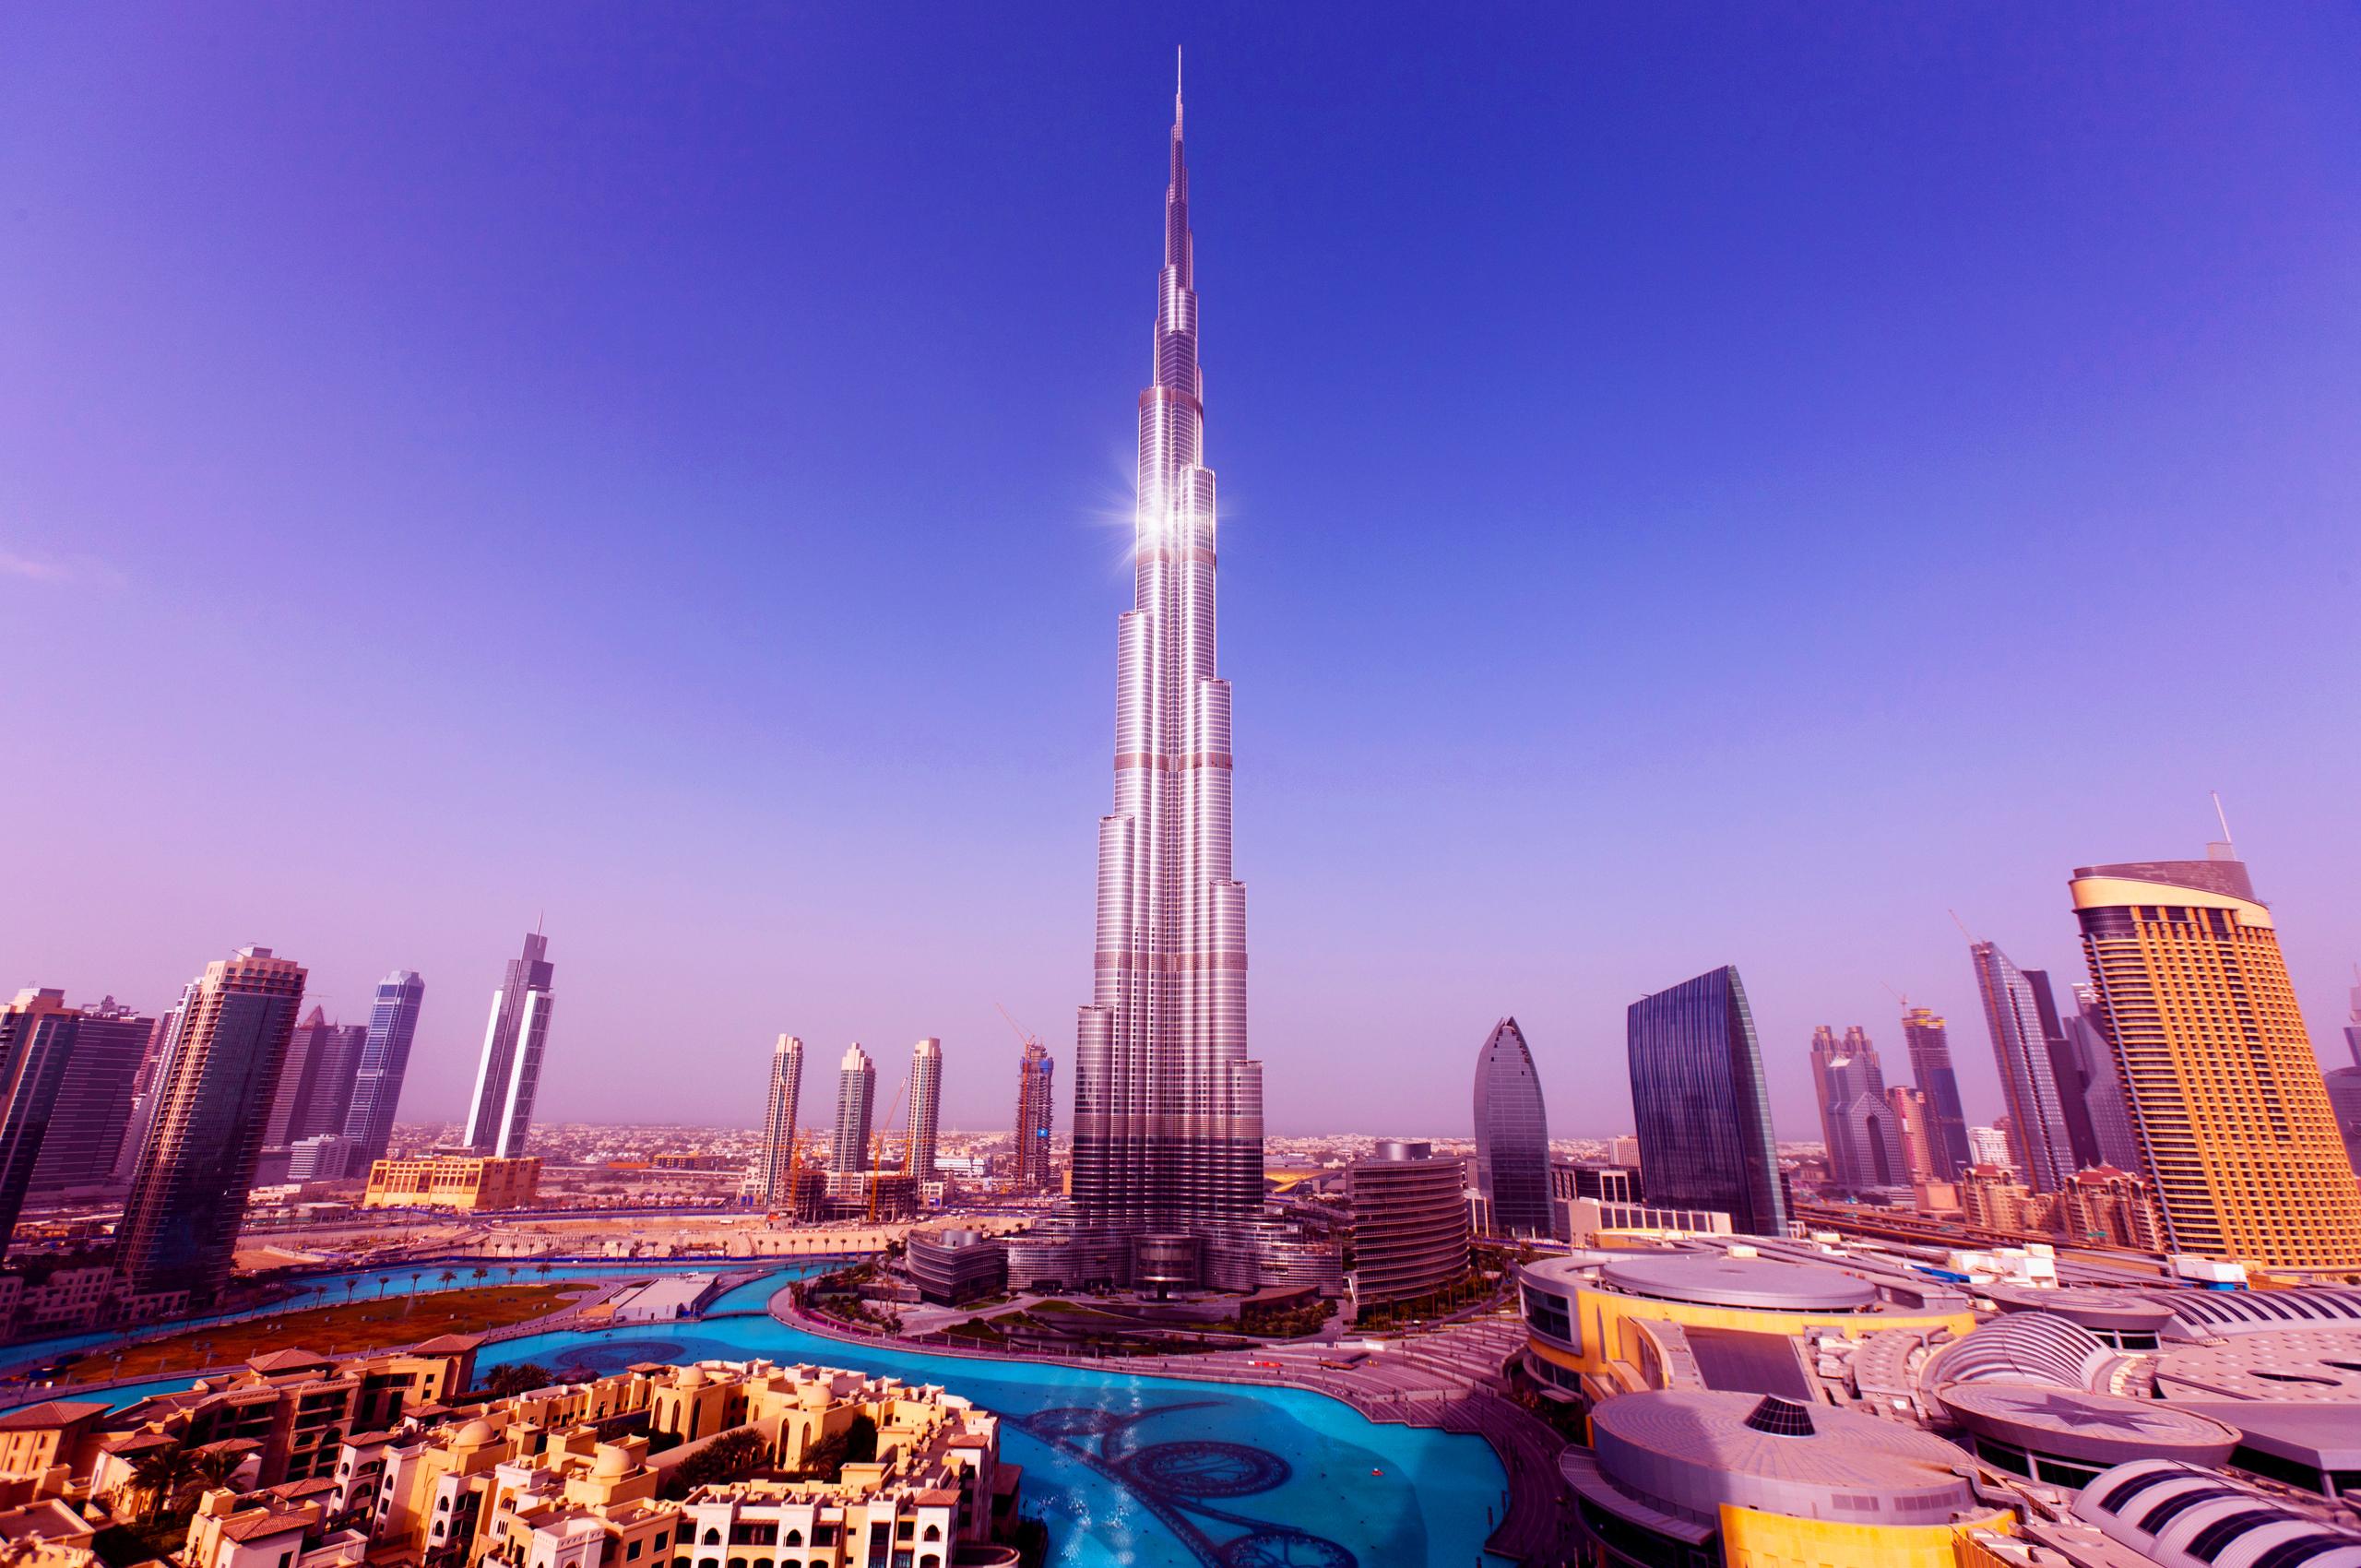 страны архитектура небоскреб рассвет Дубаи объединенные арабские эмираты  № 2209925 без смс